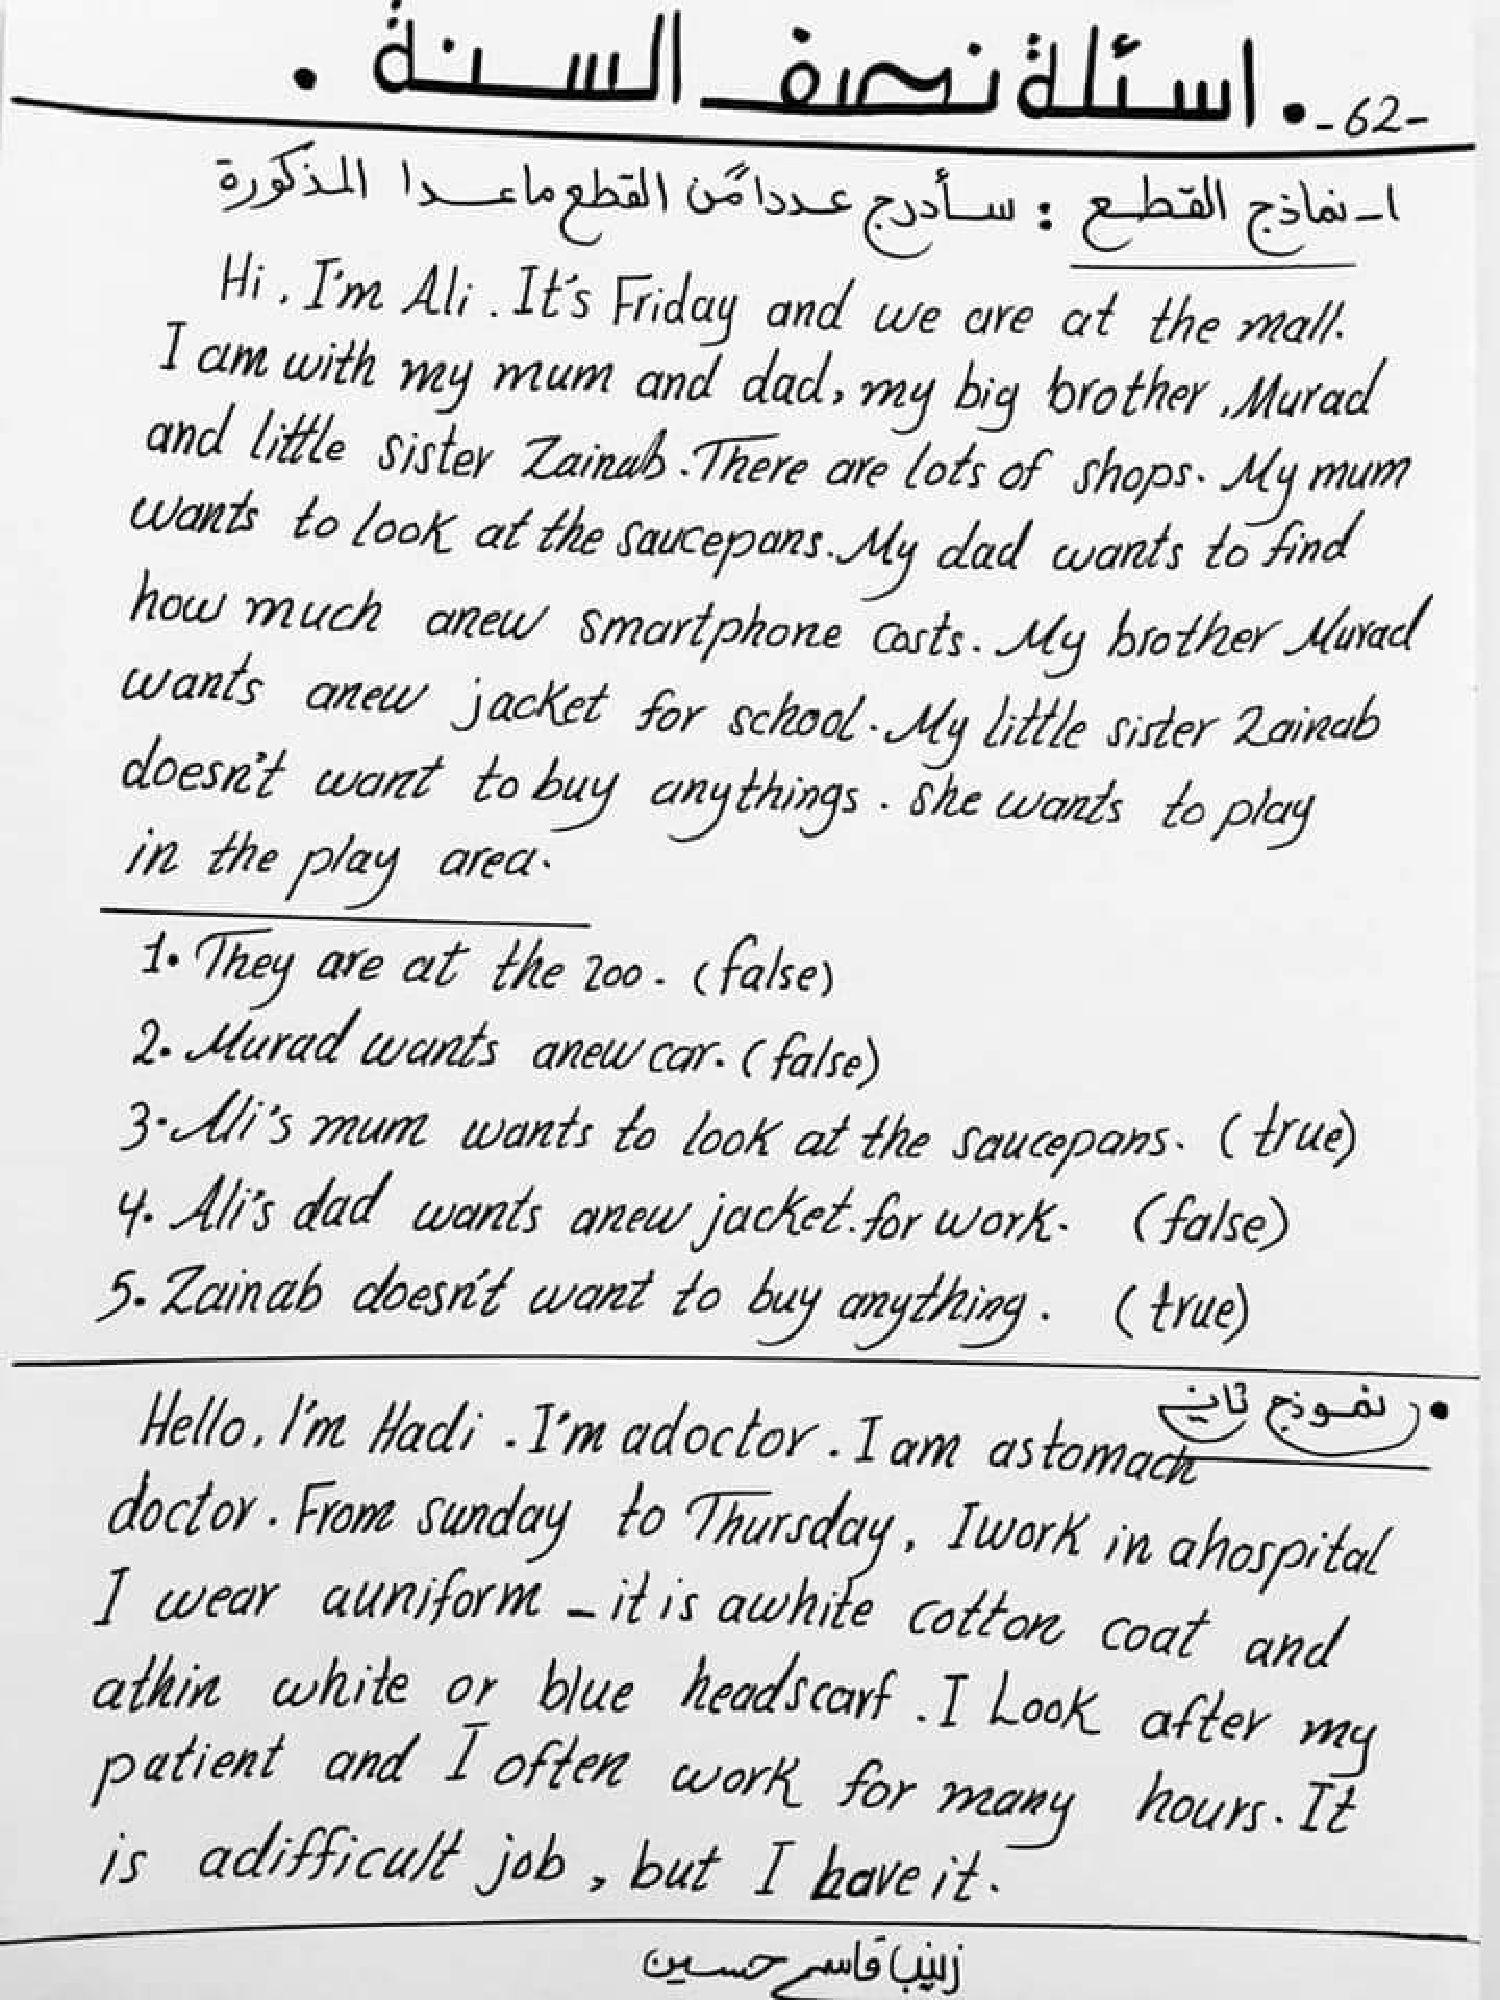 اسئلة نصف السنة انكليزي سادس ابتدائي نماذج قطع كتاب وقواعد مع الحلول اهلا بكم متابعي موقع وقناة الاستاذ احمد مهدي شلال في هذا الموضوع سن In 2021 Blog Posts Math Blog